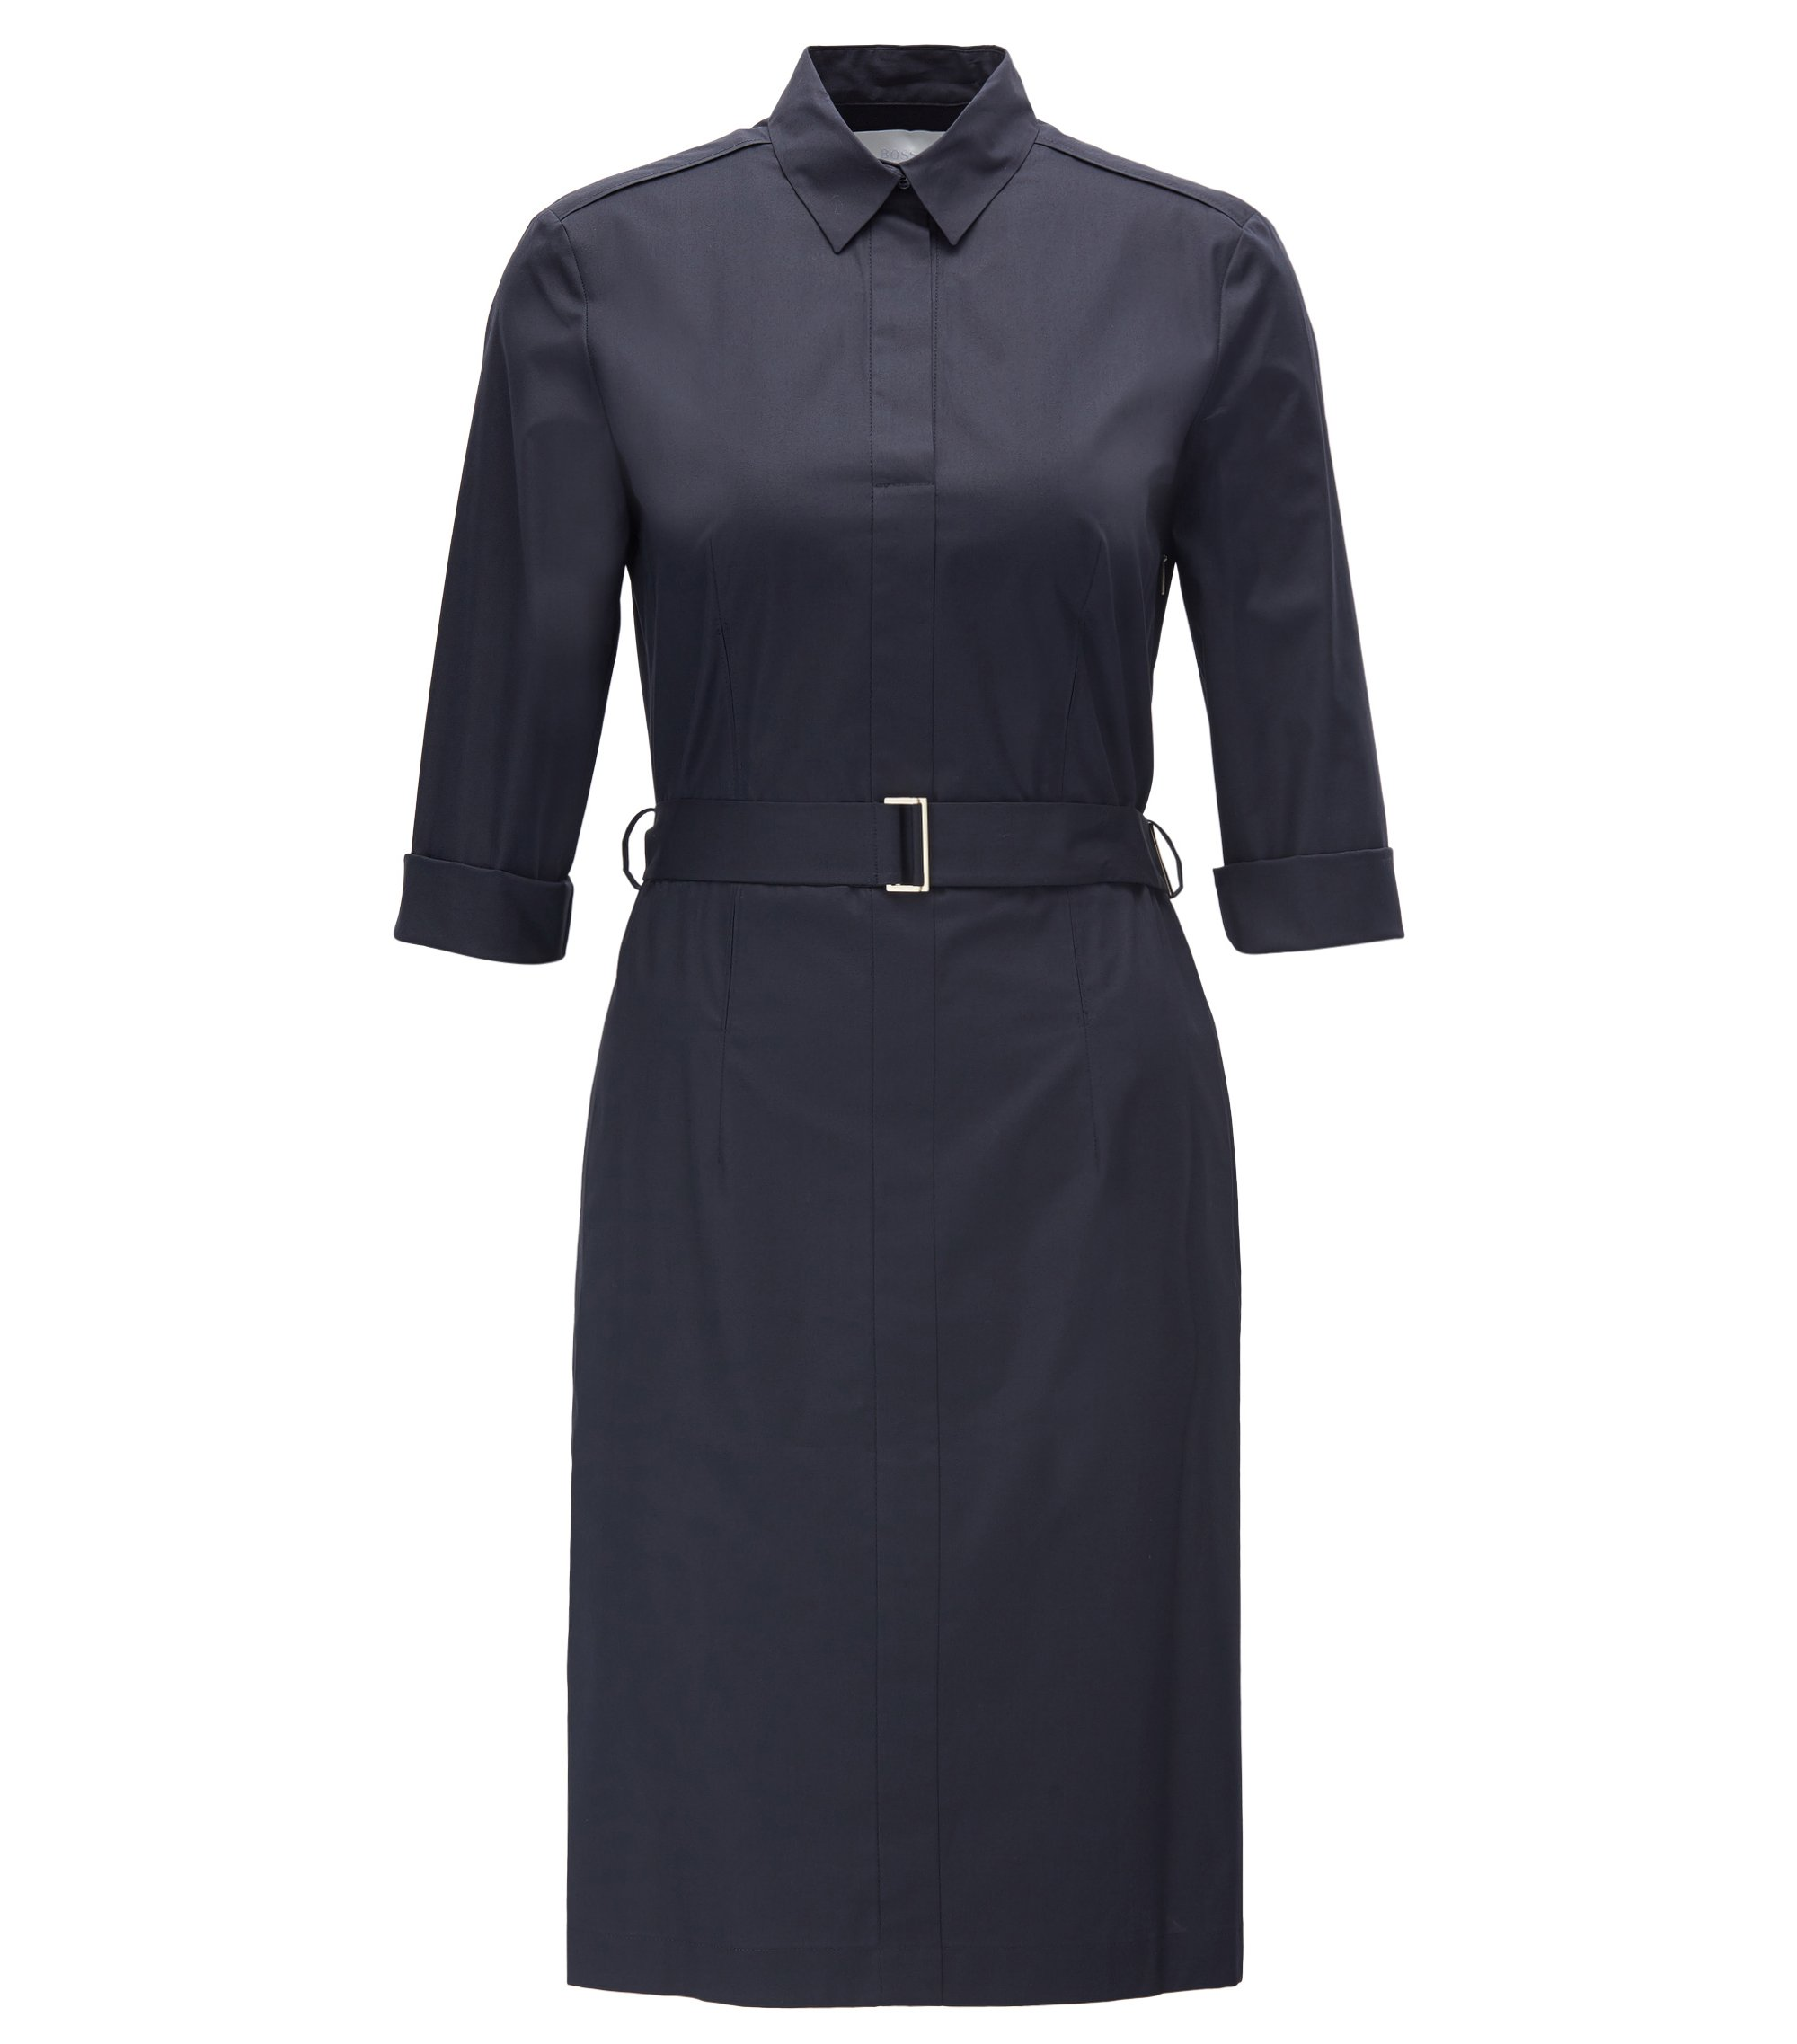 Regular-Fit Hemdblusenkleid aus elastischer Baumwolle mit Gürtel, Dunkelblau